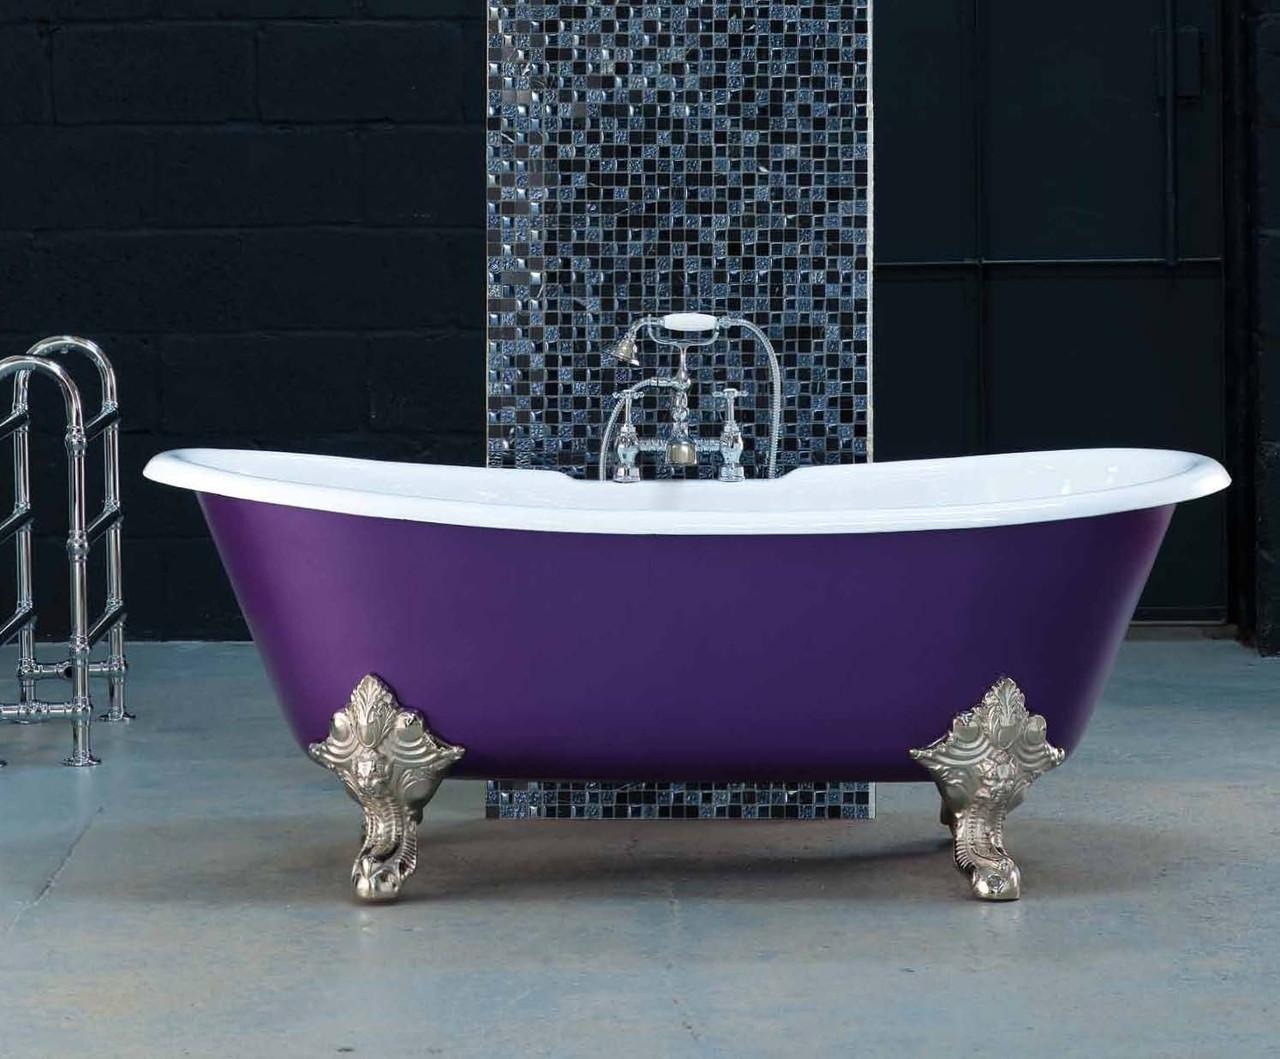 Класична чавунна ванна на ніжках в ретро стилі MILAN